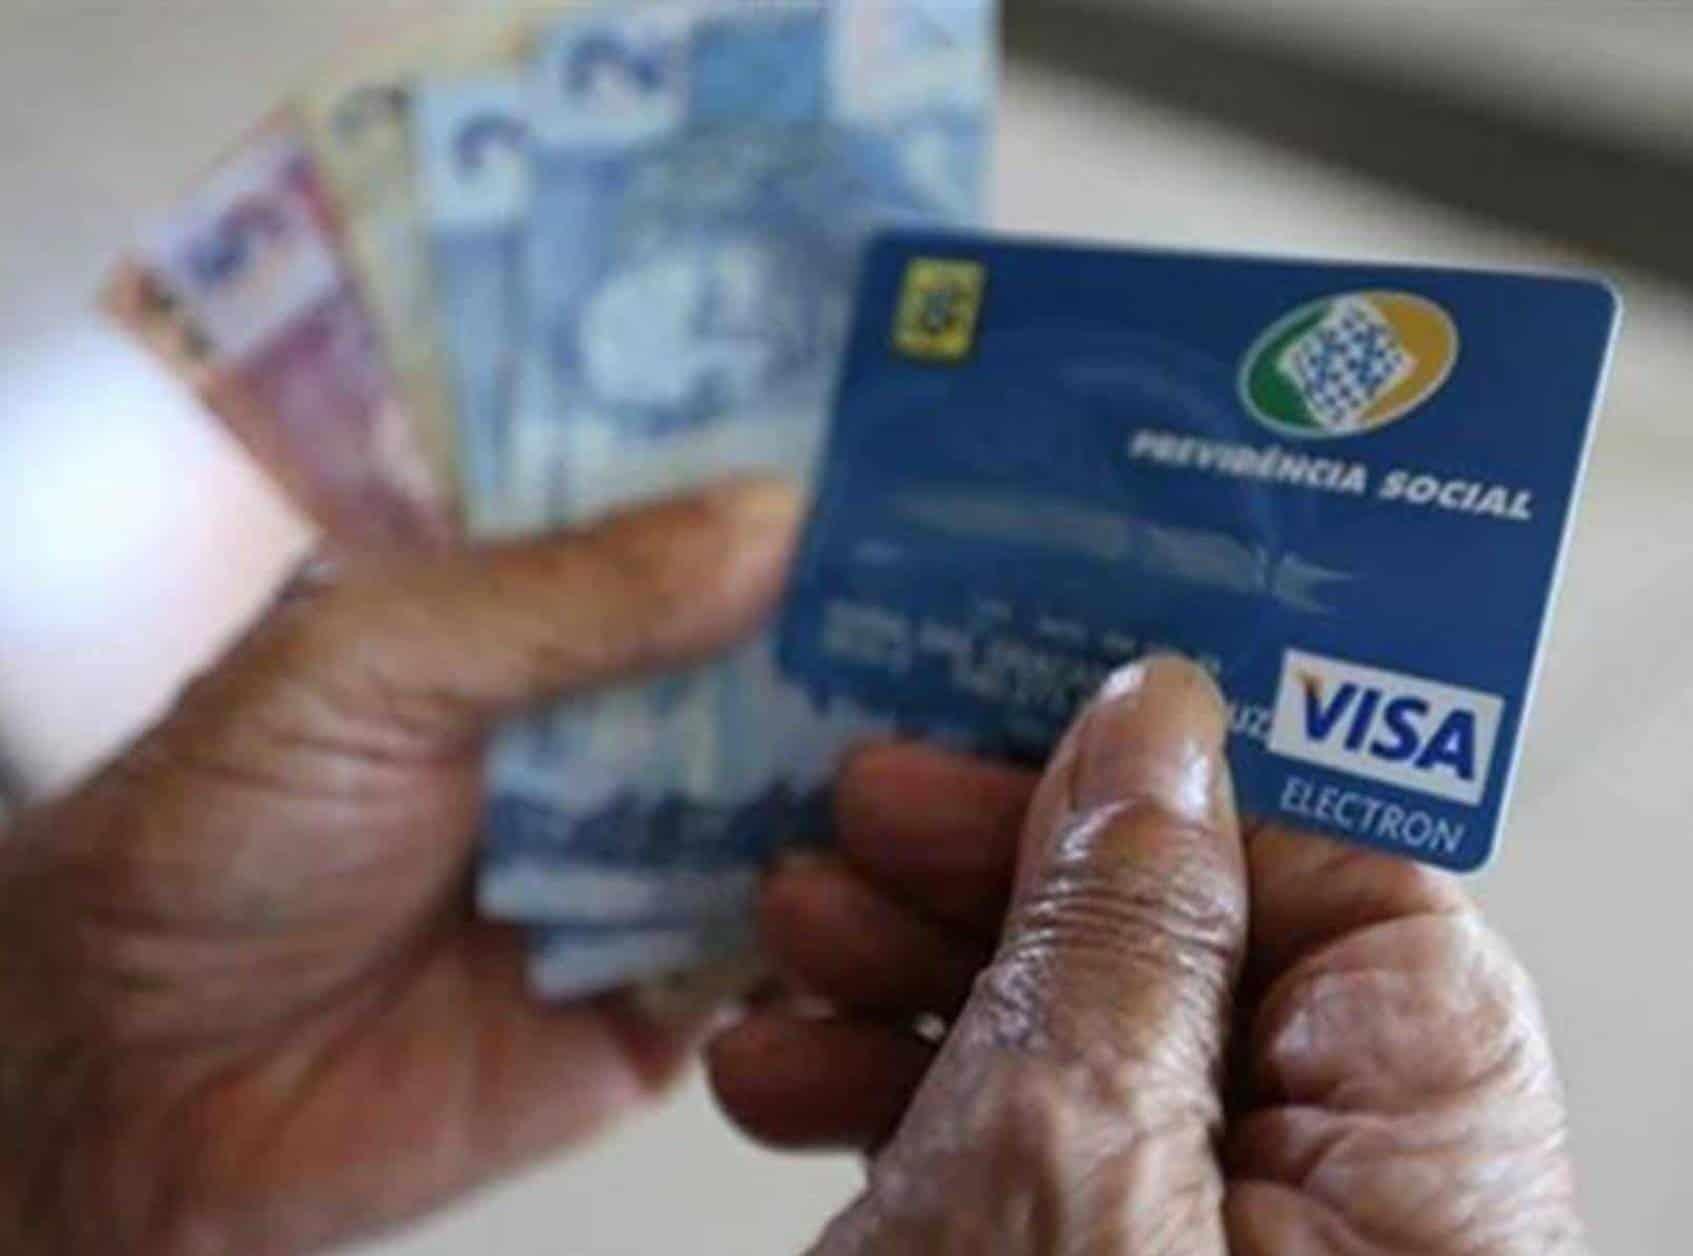 14º salário para aposentados do INSS pode ser pago em dezembro: entenda